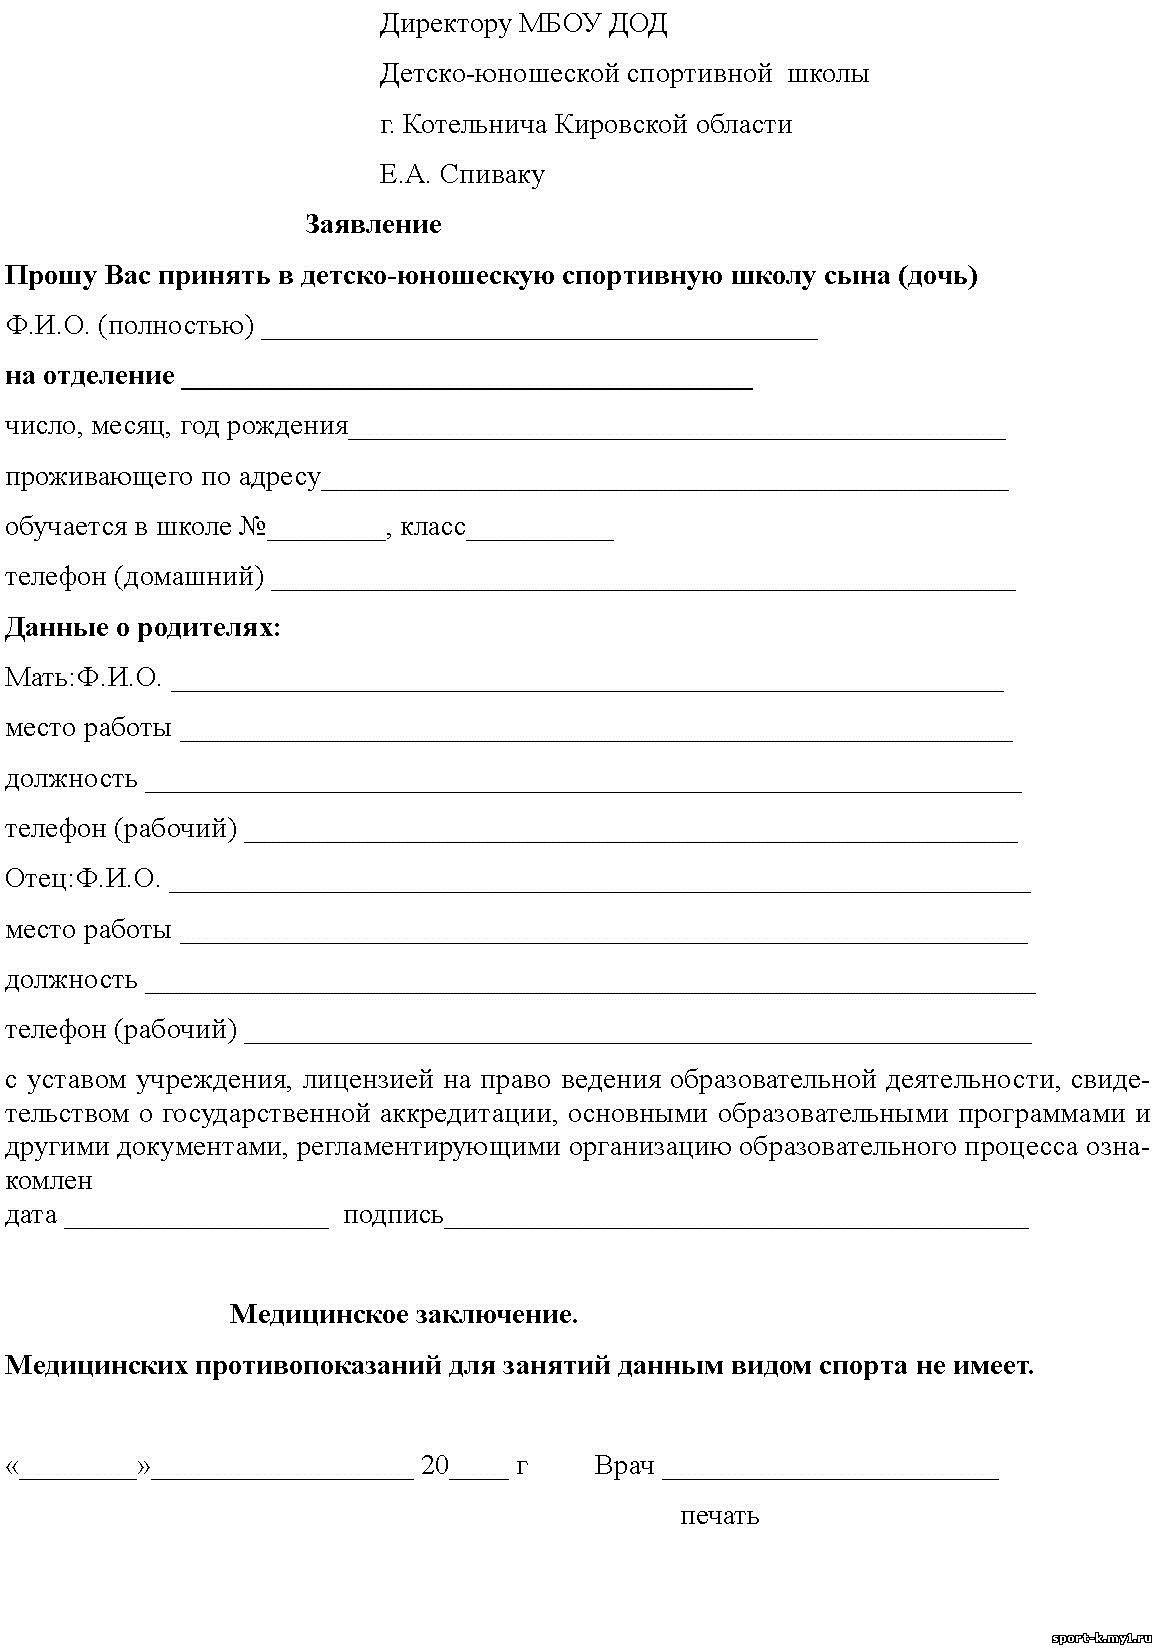 Заявление о приеме в гражданство рф - 57e0